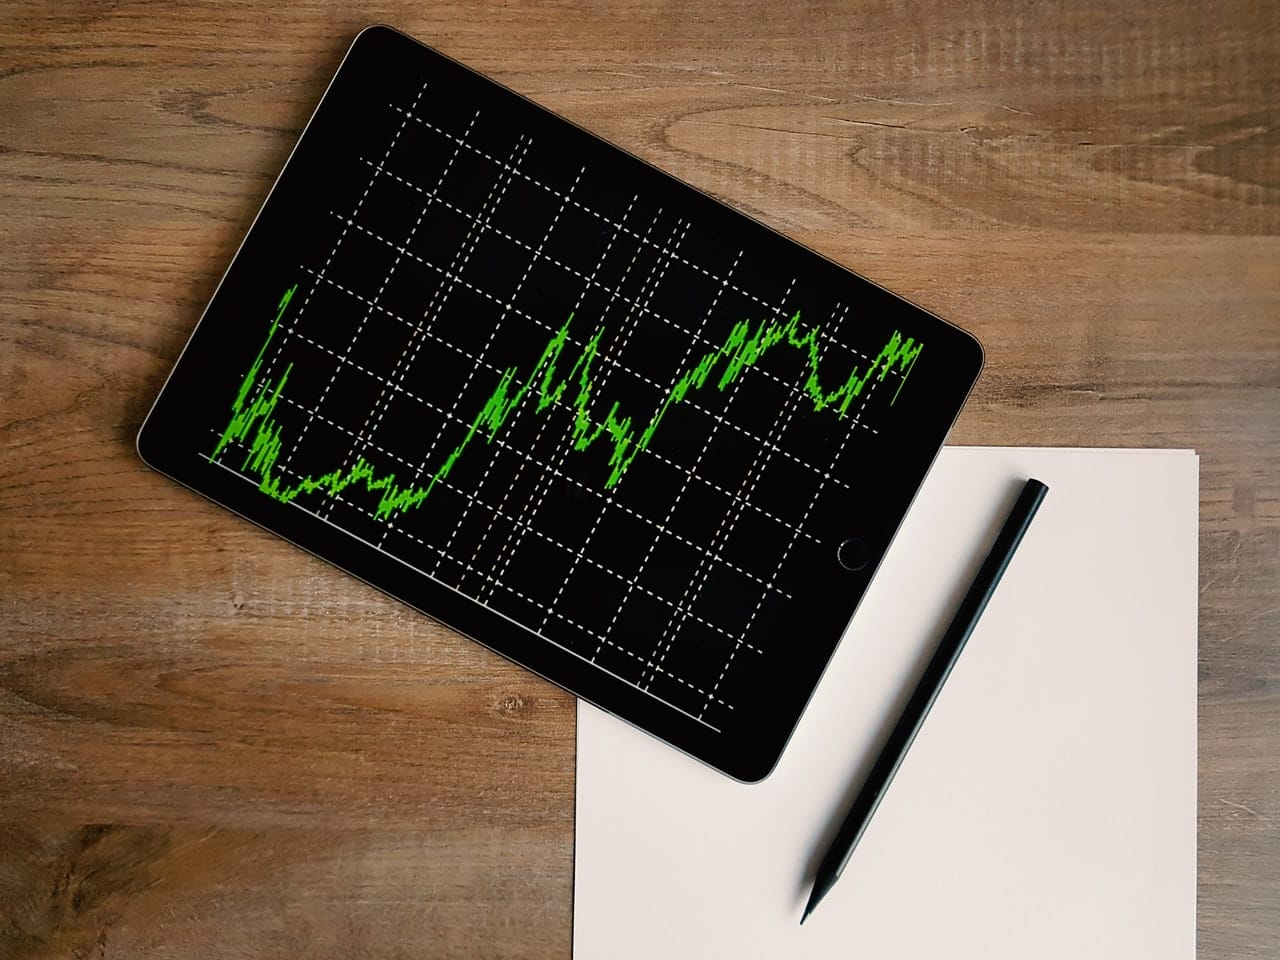 ירידות בשוק ההון עקב נגיף הקורונה, ירידות בשוק ההון בגלל נגיף הקורונה